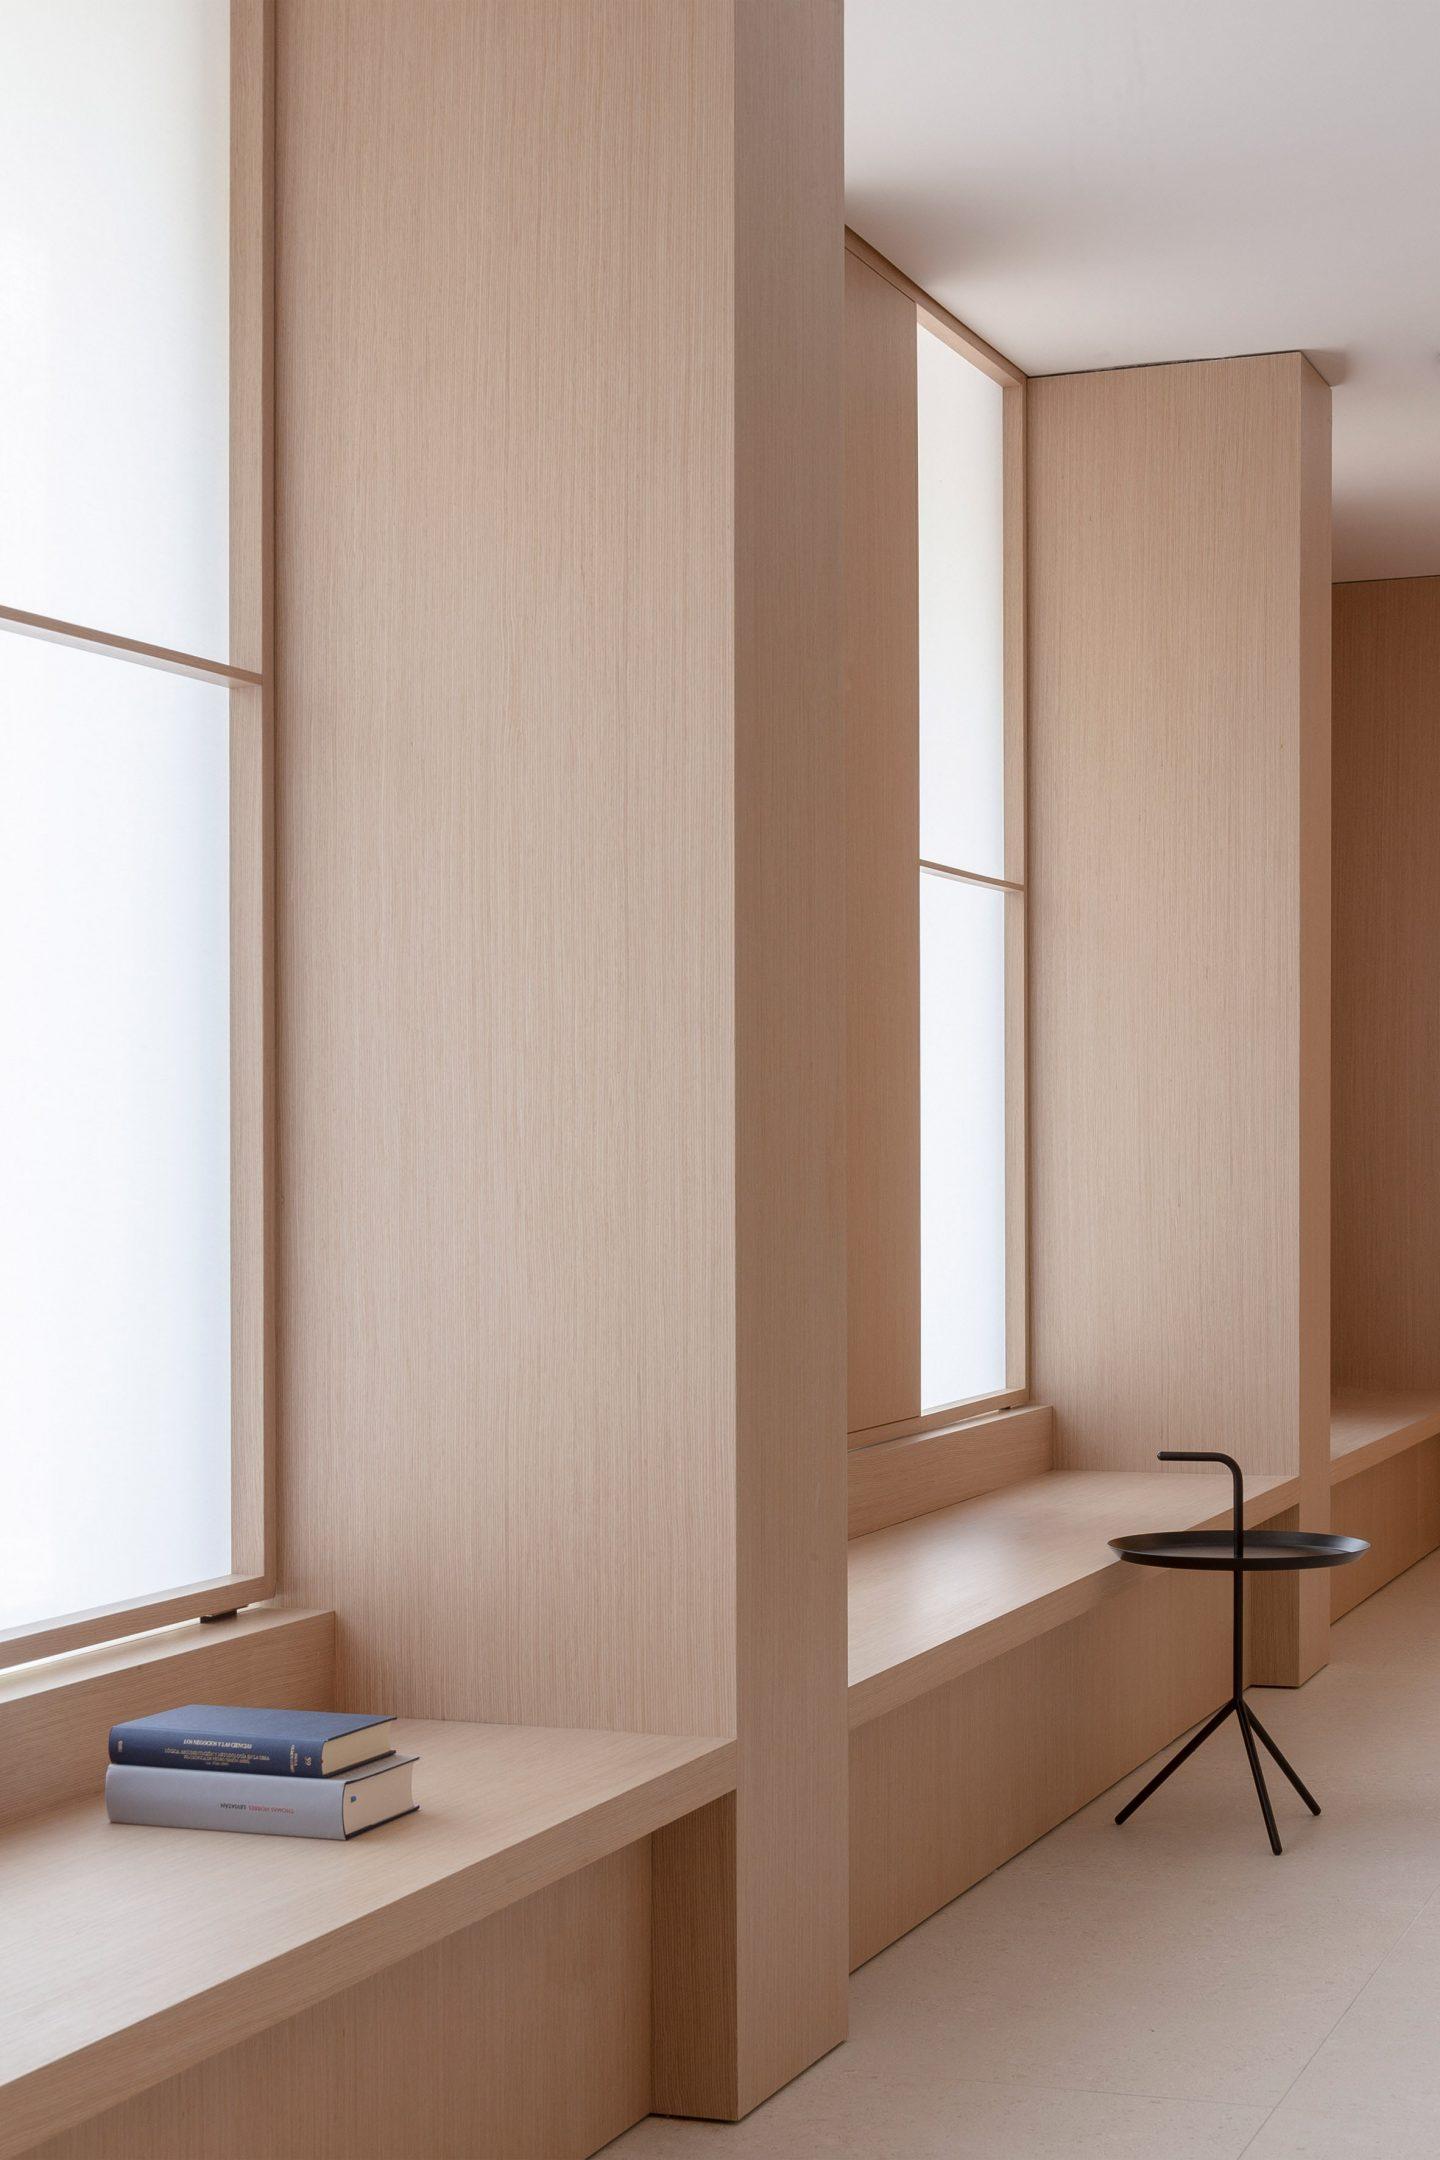 IGNANT-Design-Swiss-Concept-12